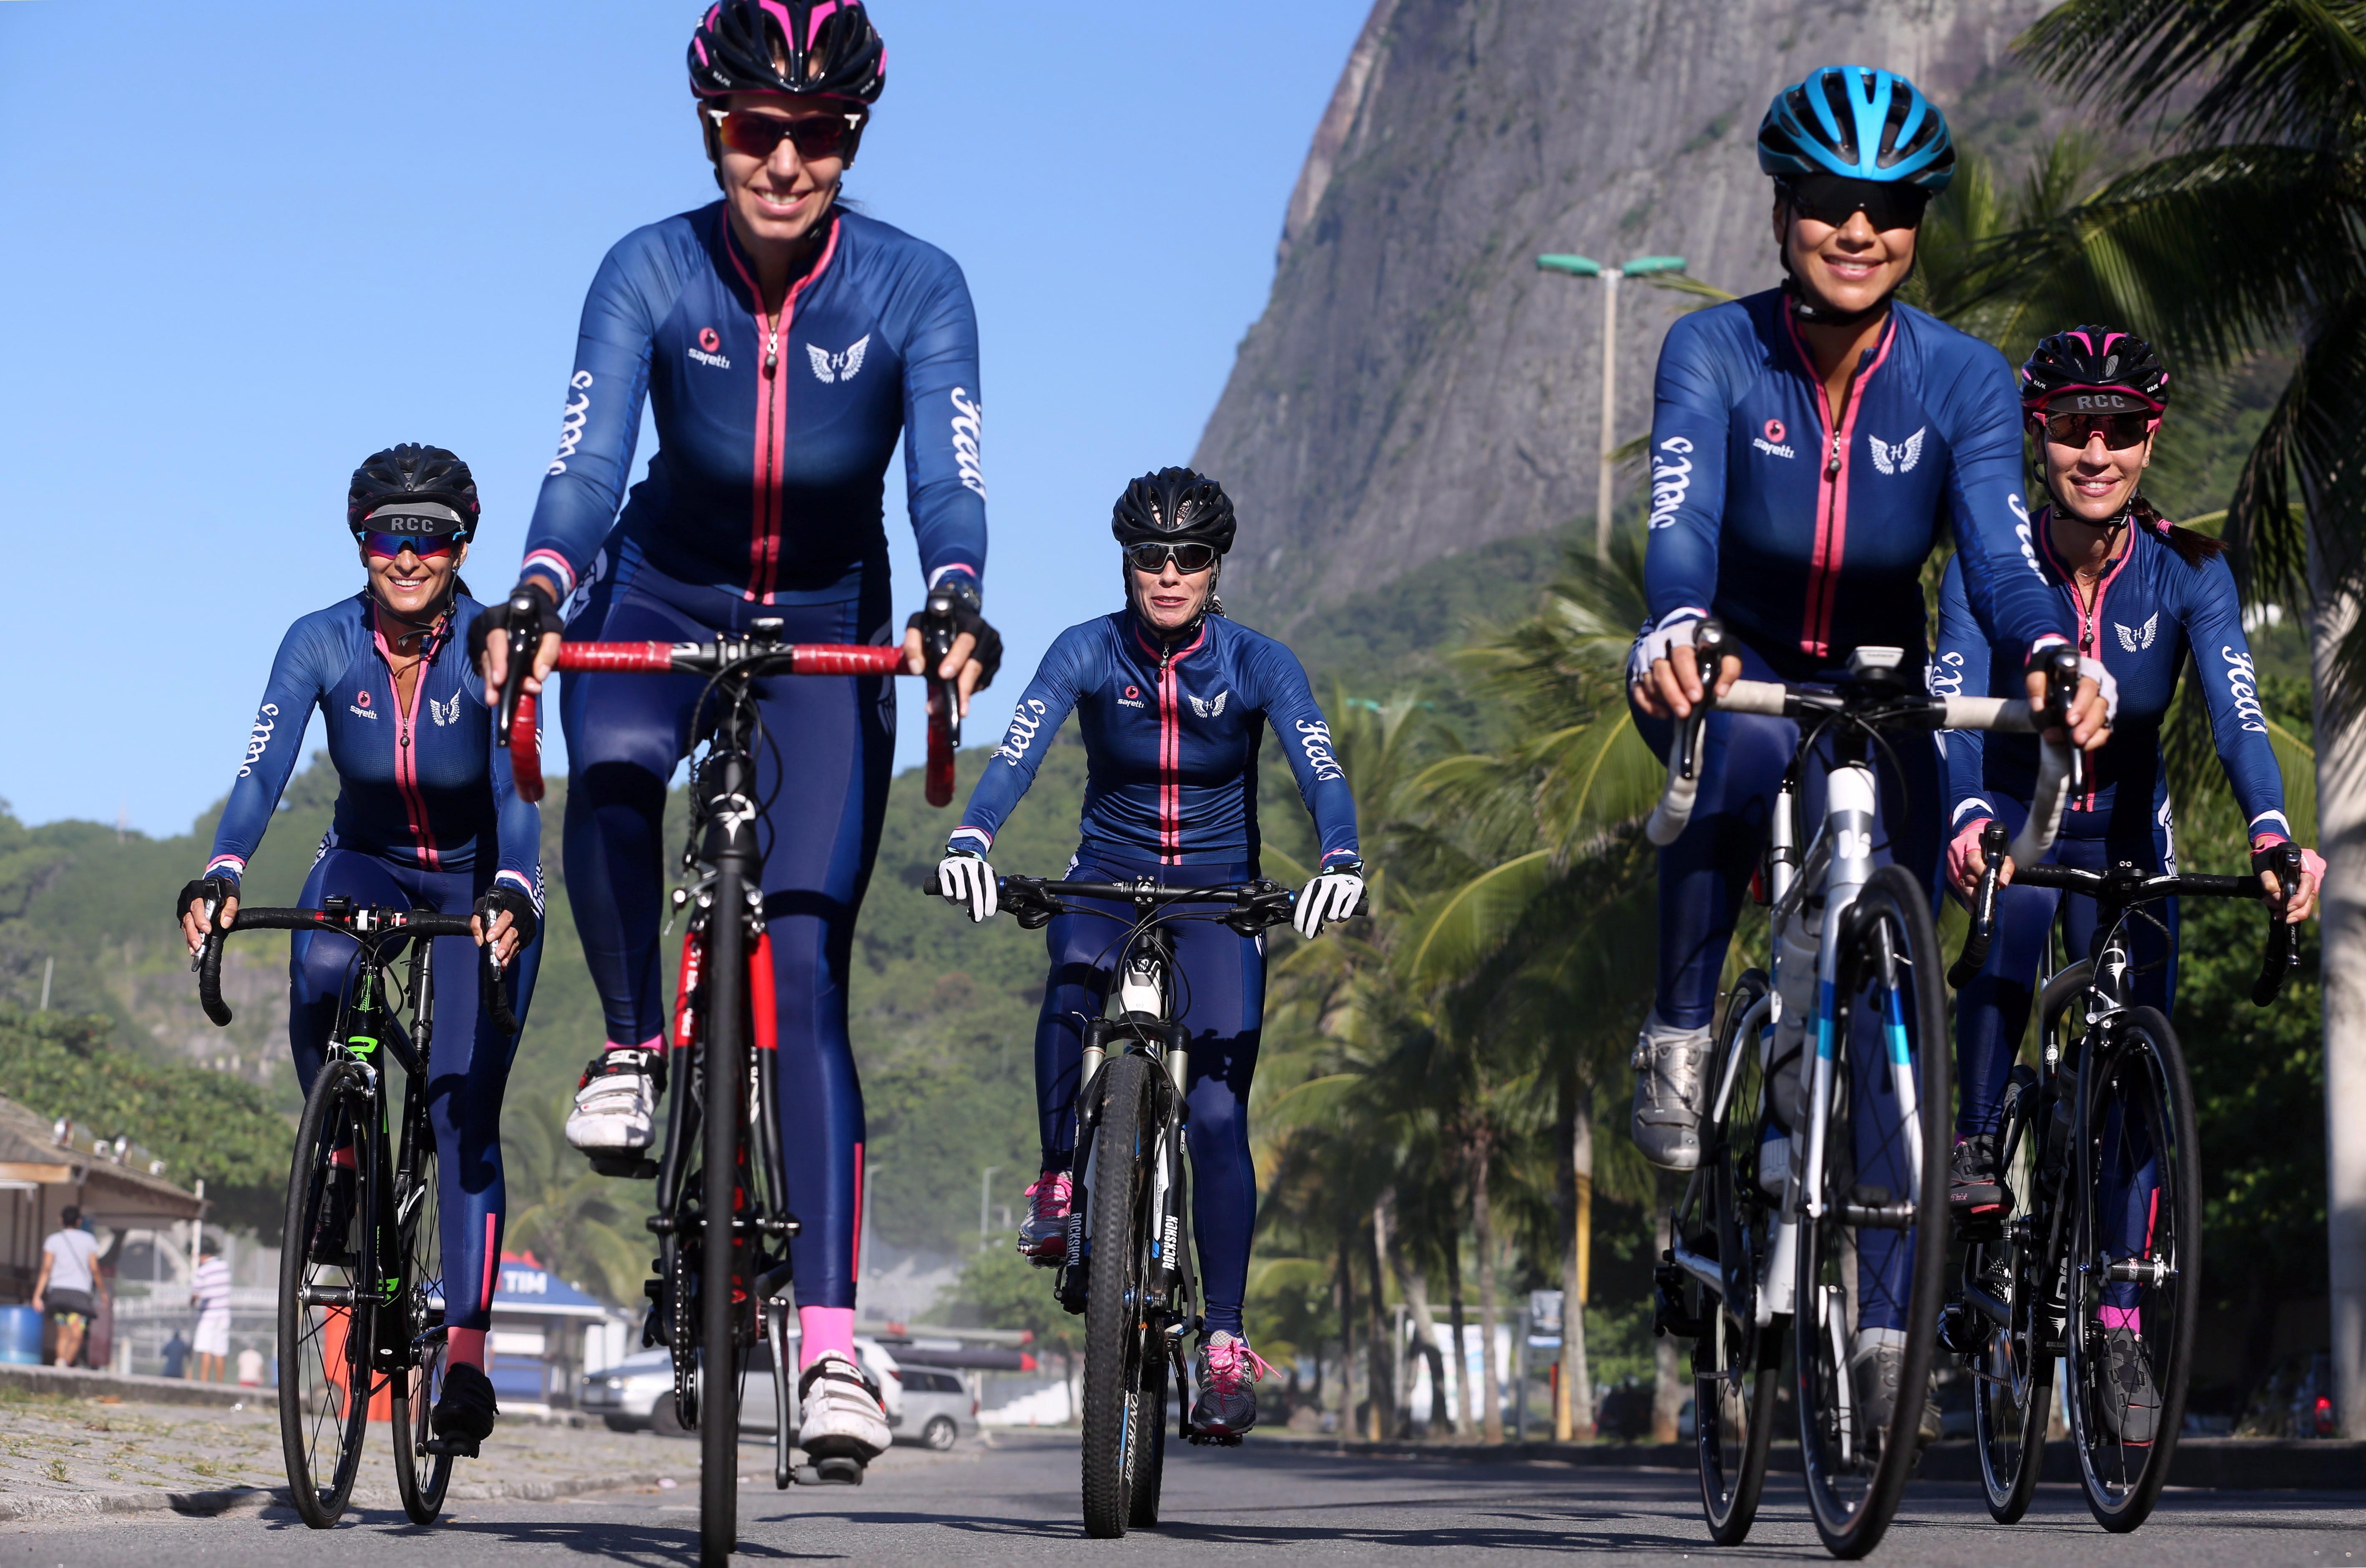 Afinidades. Maju, Elô, Maria Vitória, Patricia e Beth: as Hells se encontram para pedalar, conversar e ler poesias